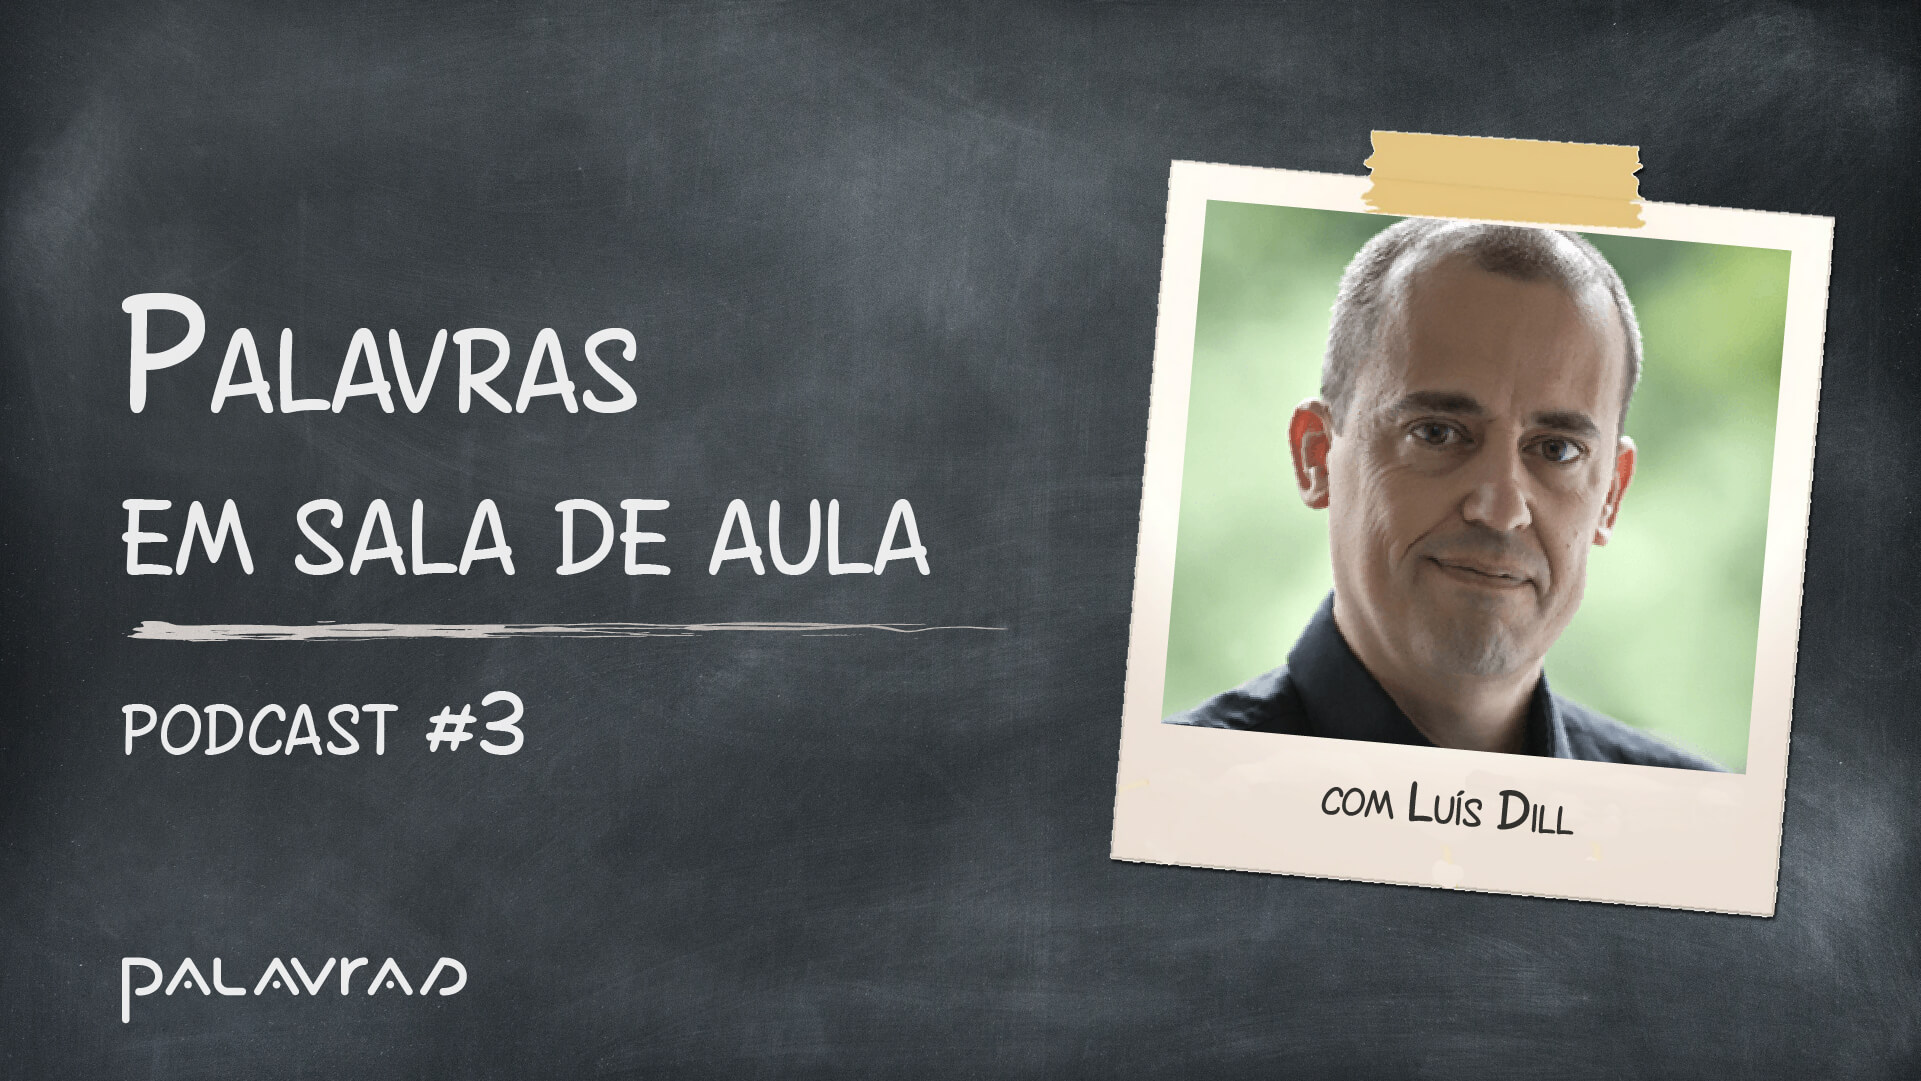 Podcast Palavras em Sala de Aula   #3: Luís Dill